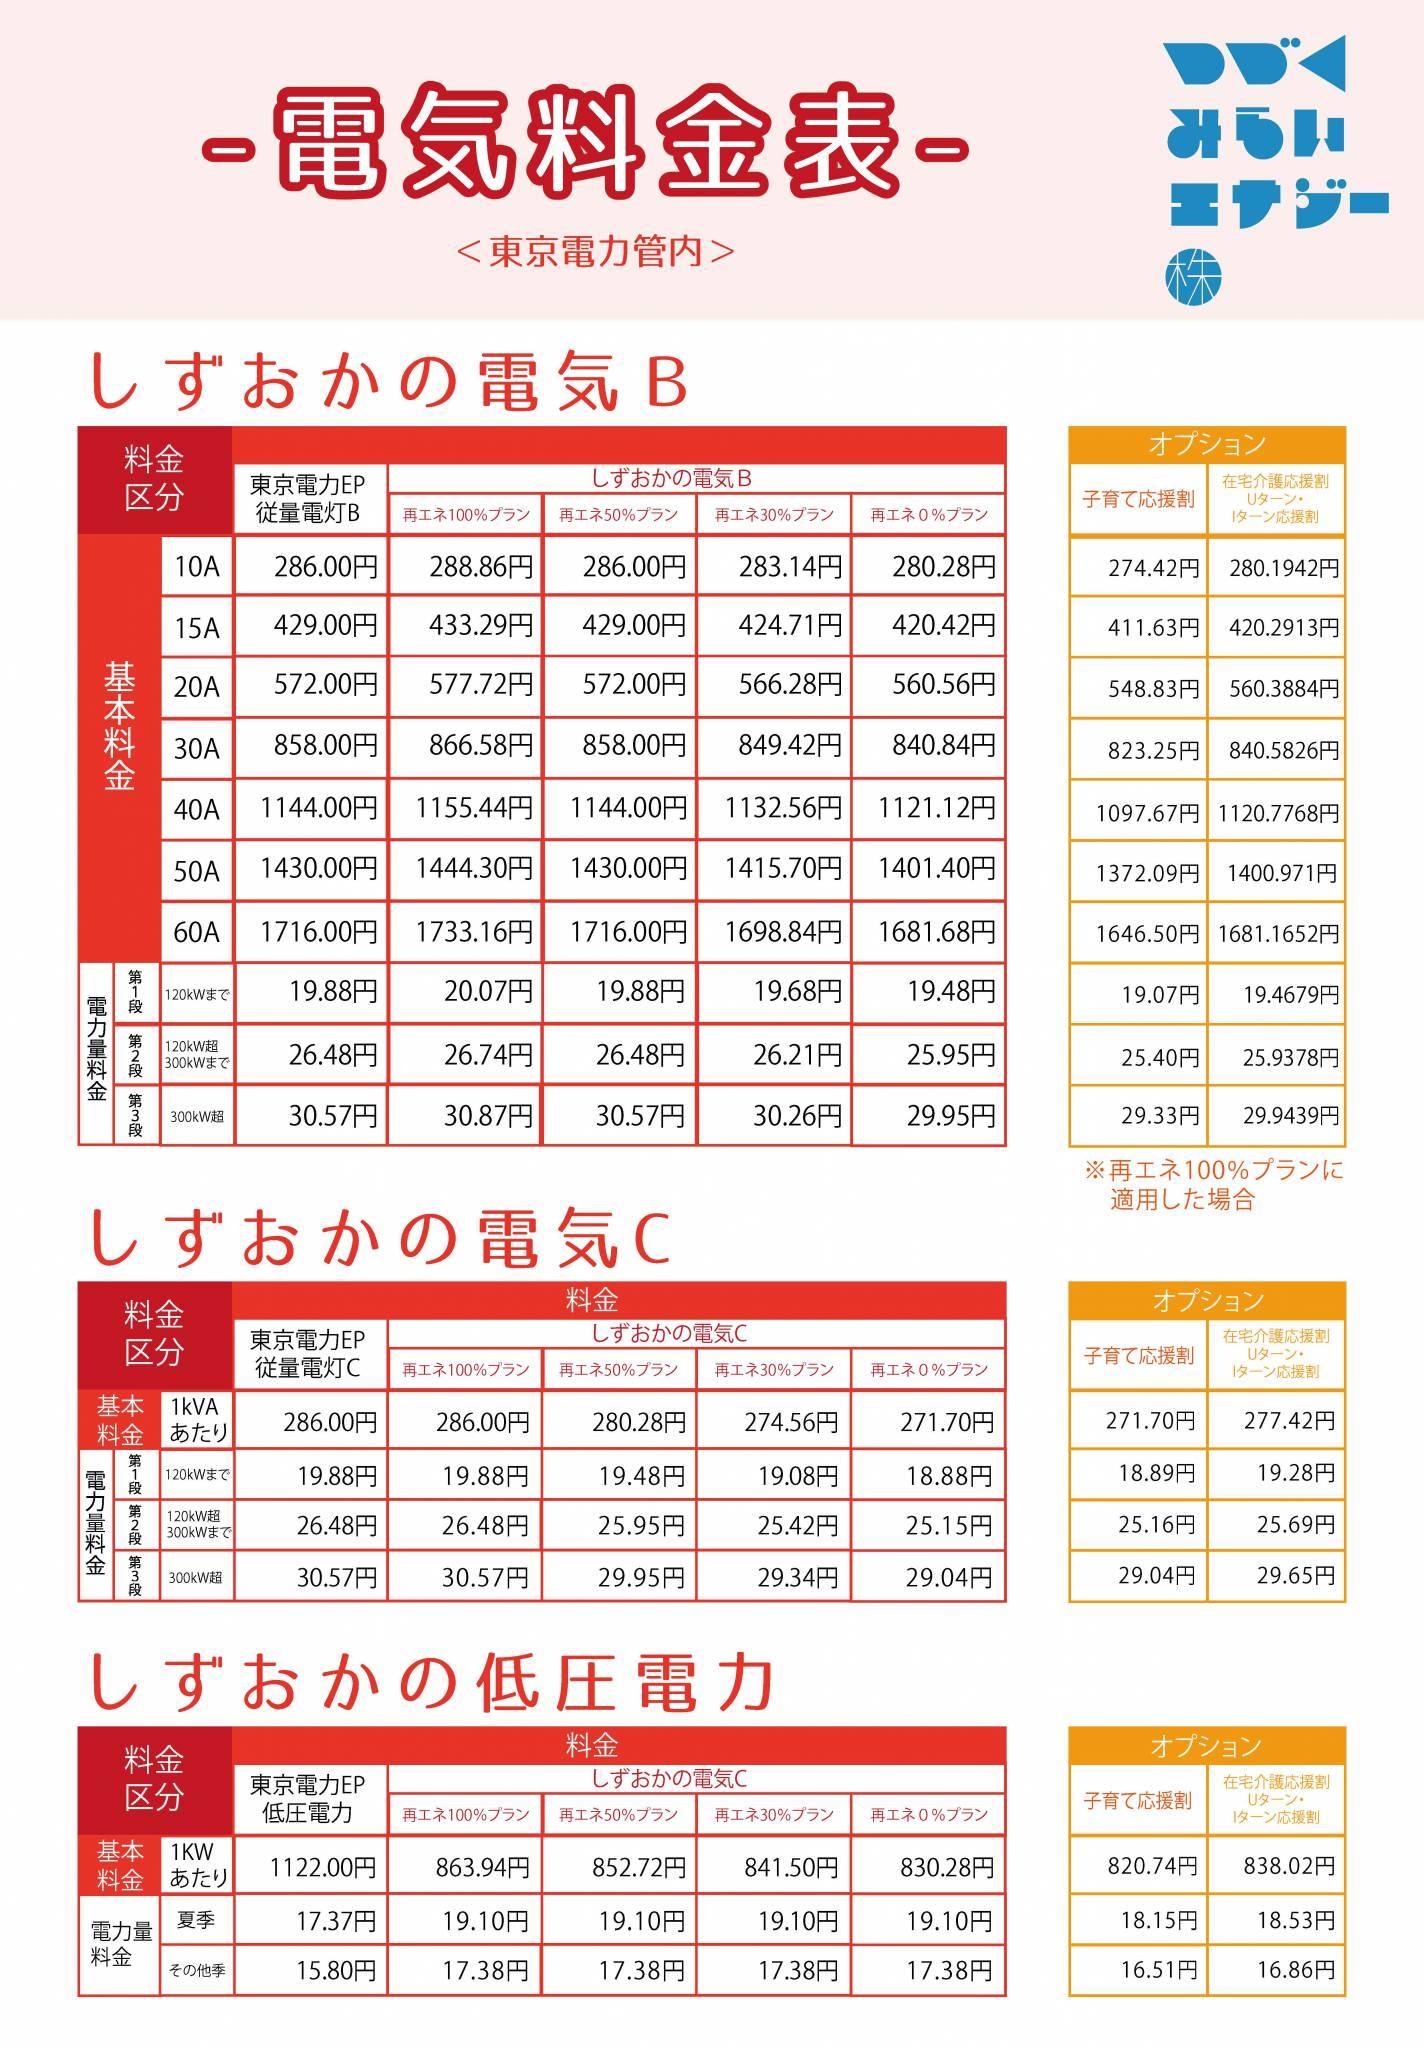 しずおかの電気|東京電力管内電気料金表